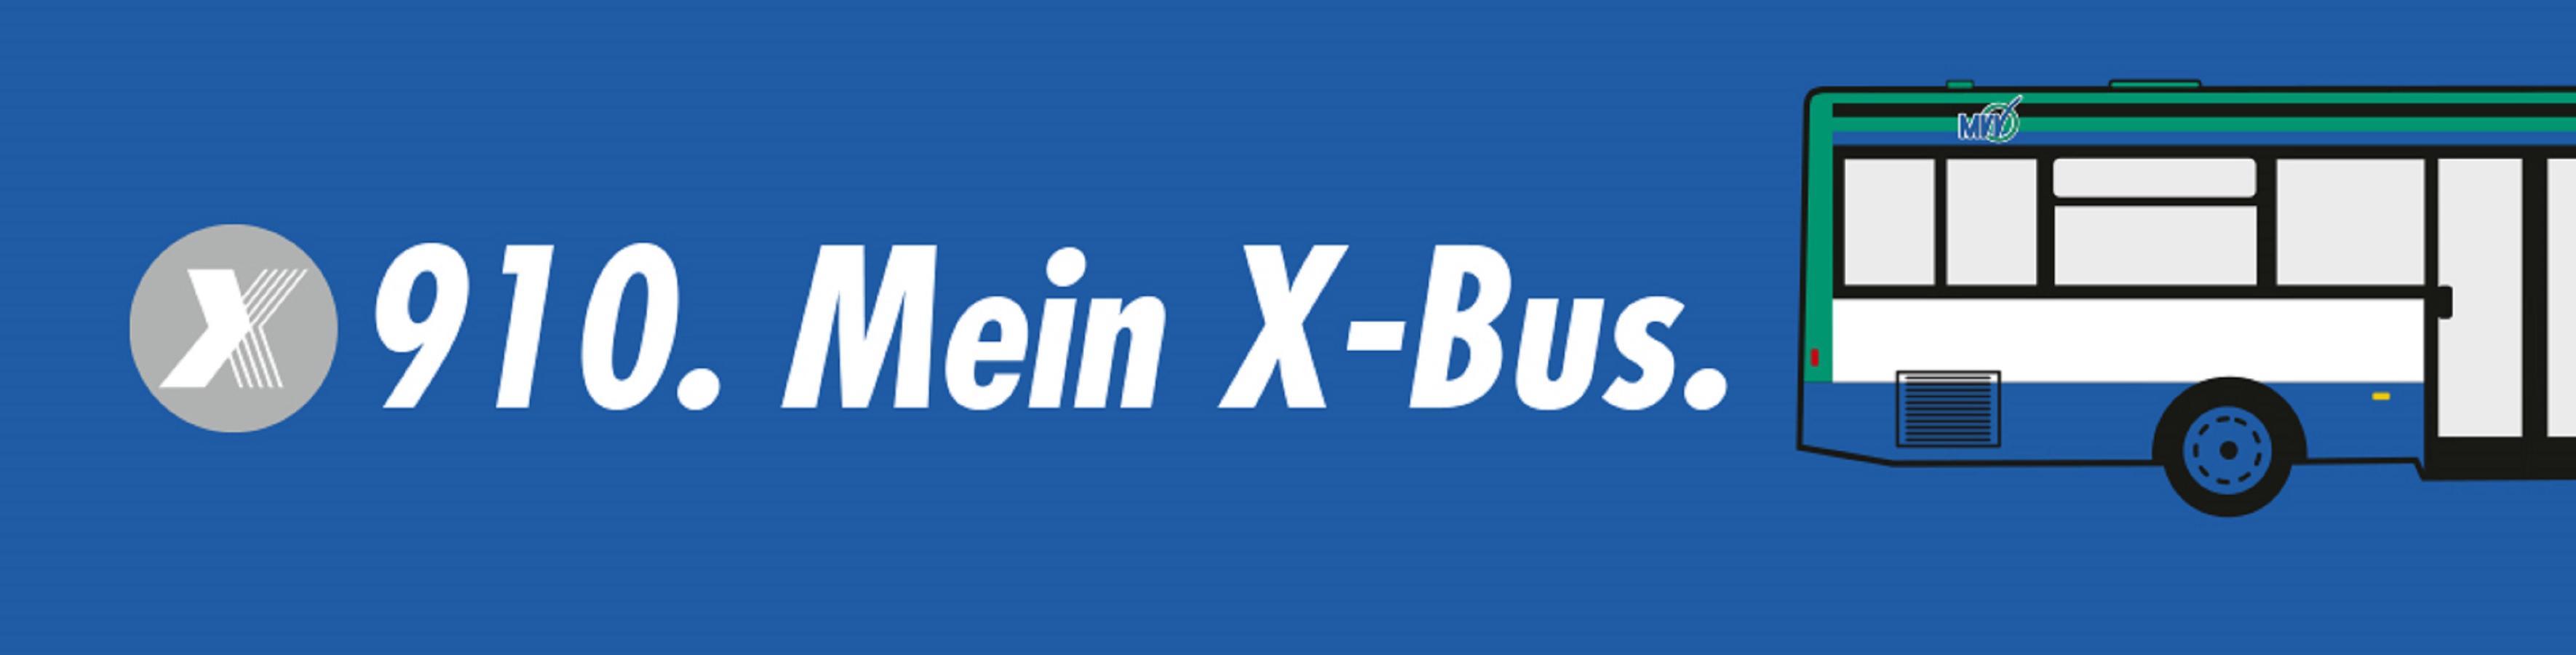 Buslinie X910 - Xpressbuslinie